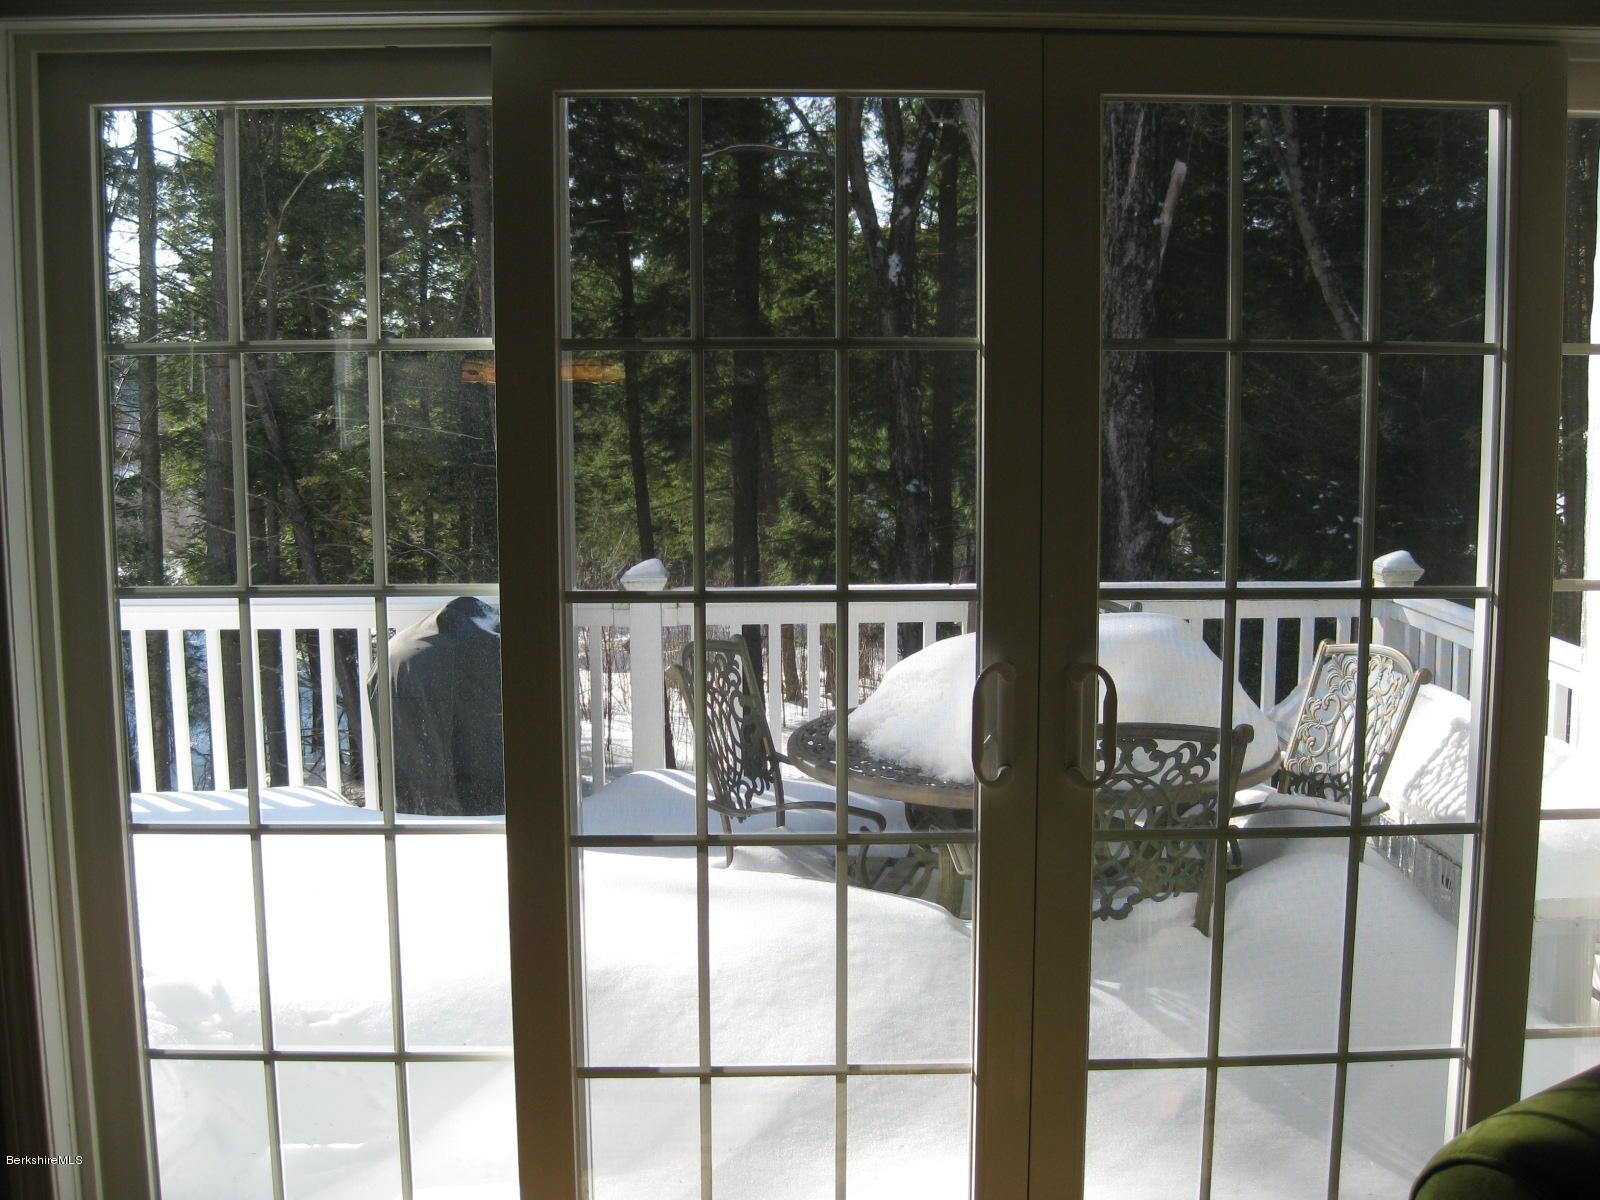 9073 Mountainside, Hancock, Massachusetts 01237, 2 Bedrooms Bedrooms, 5 Rooms Rooms,2 BathroomsBathrooms,Condominium,For Sale,Mountainside,231426